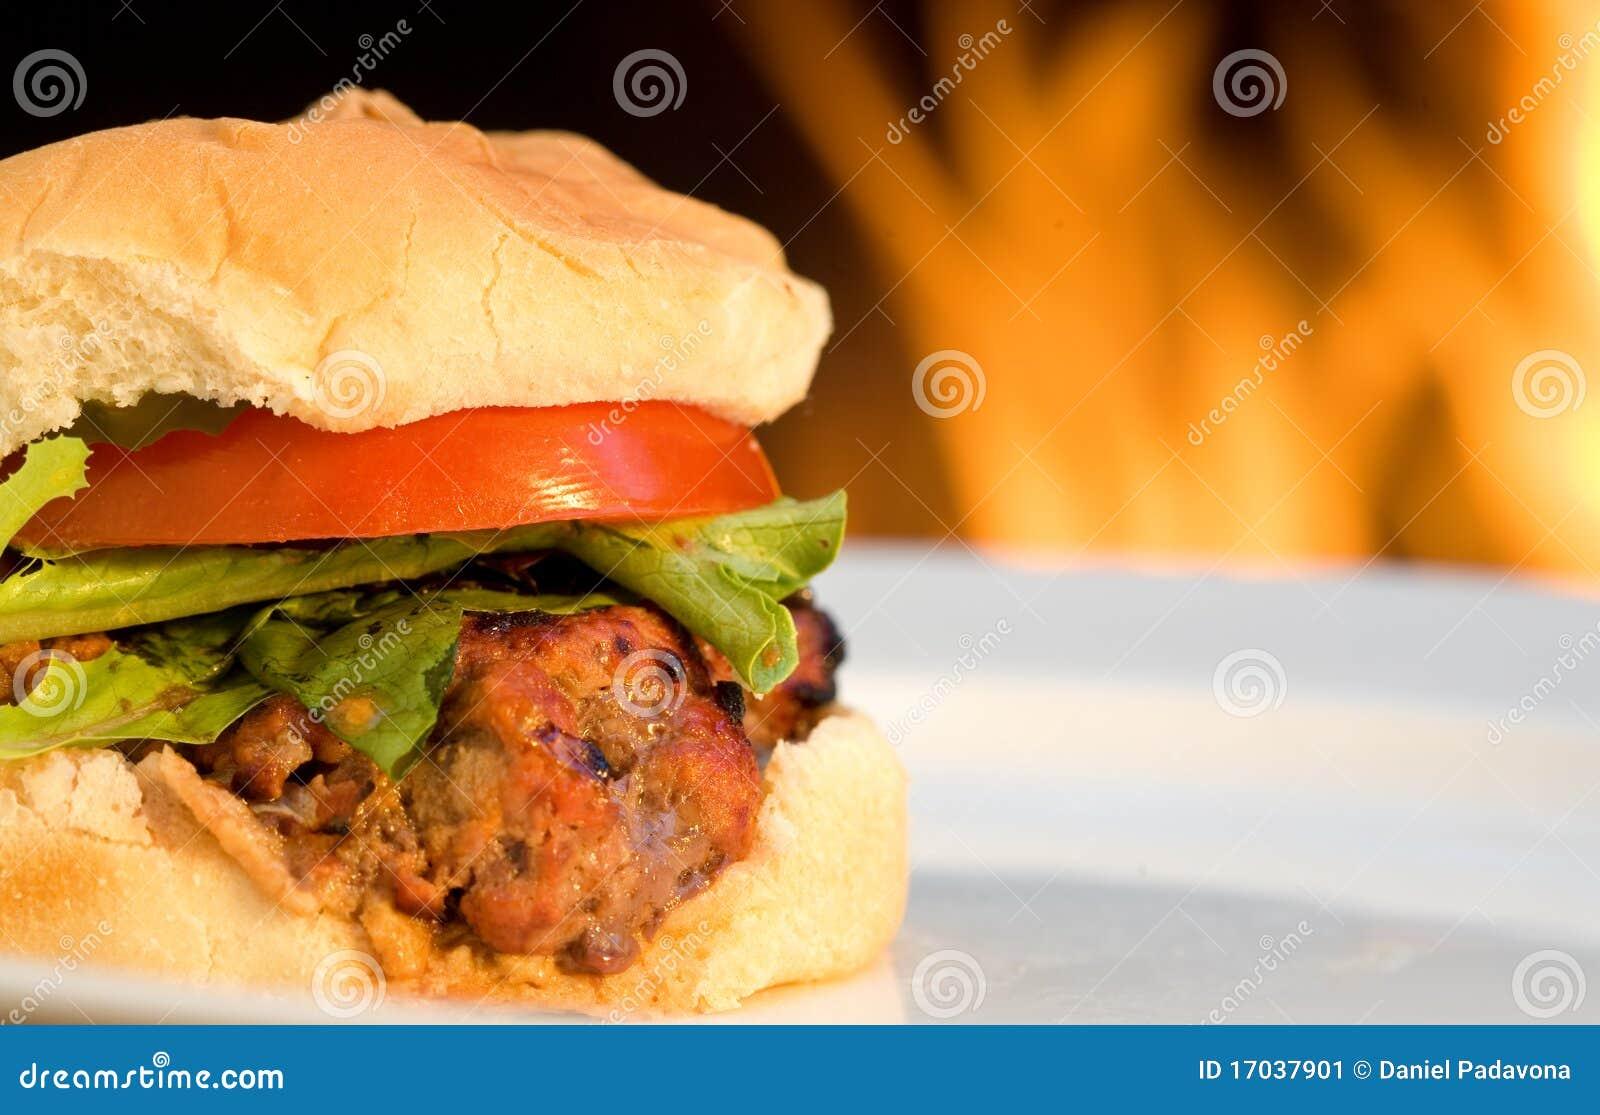 Grilla hamburgery